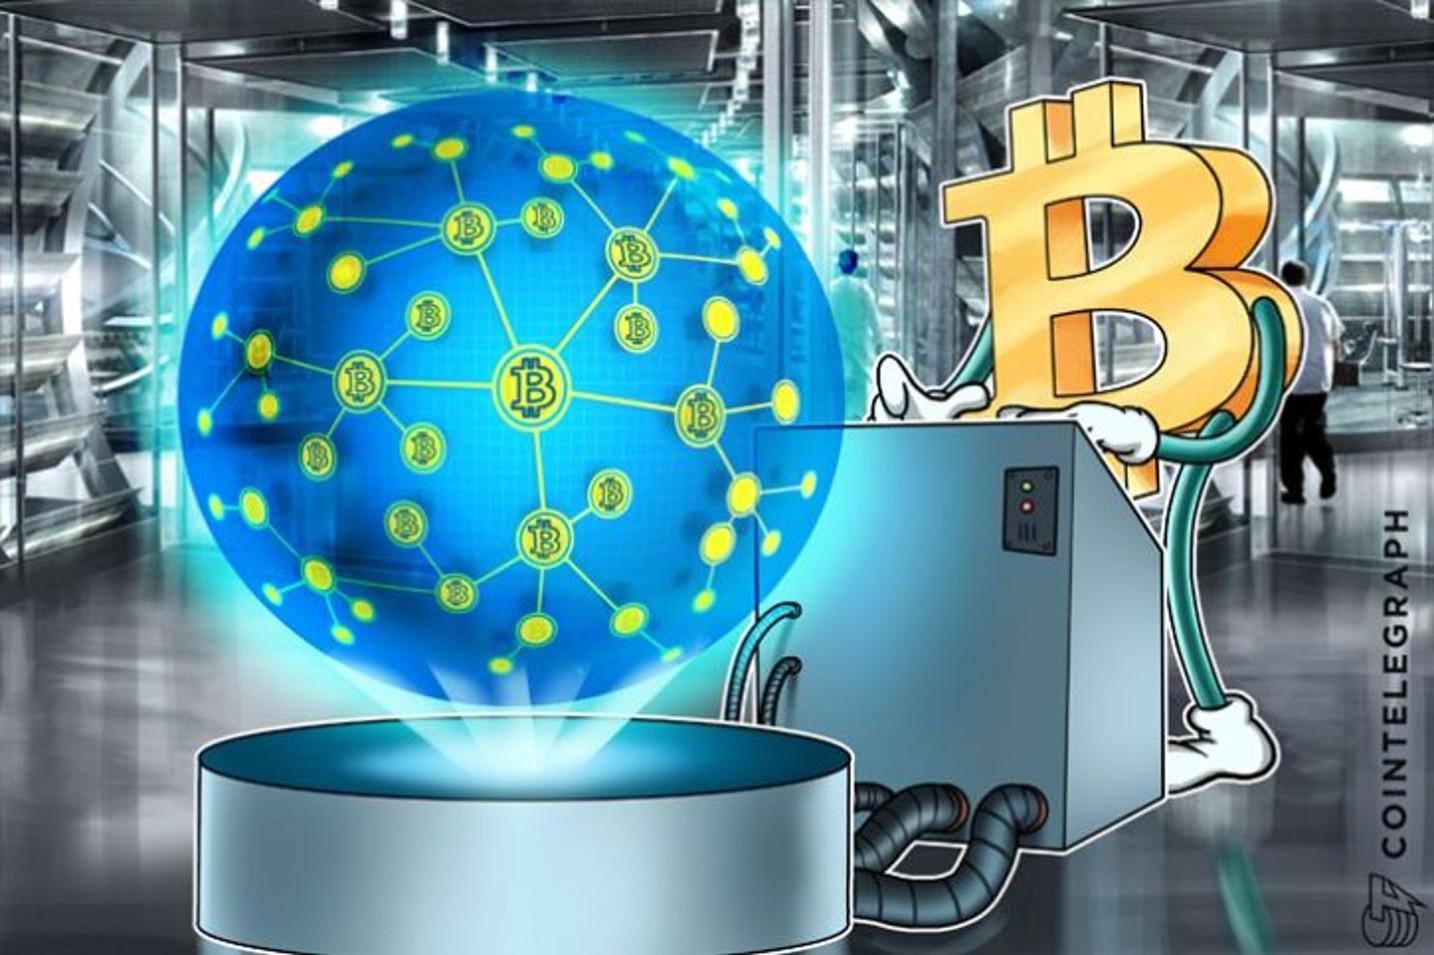 ビットメックスを制すれば仮想通貨相場を制す? ビットコイン変動の予兆を察知=調査